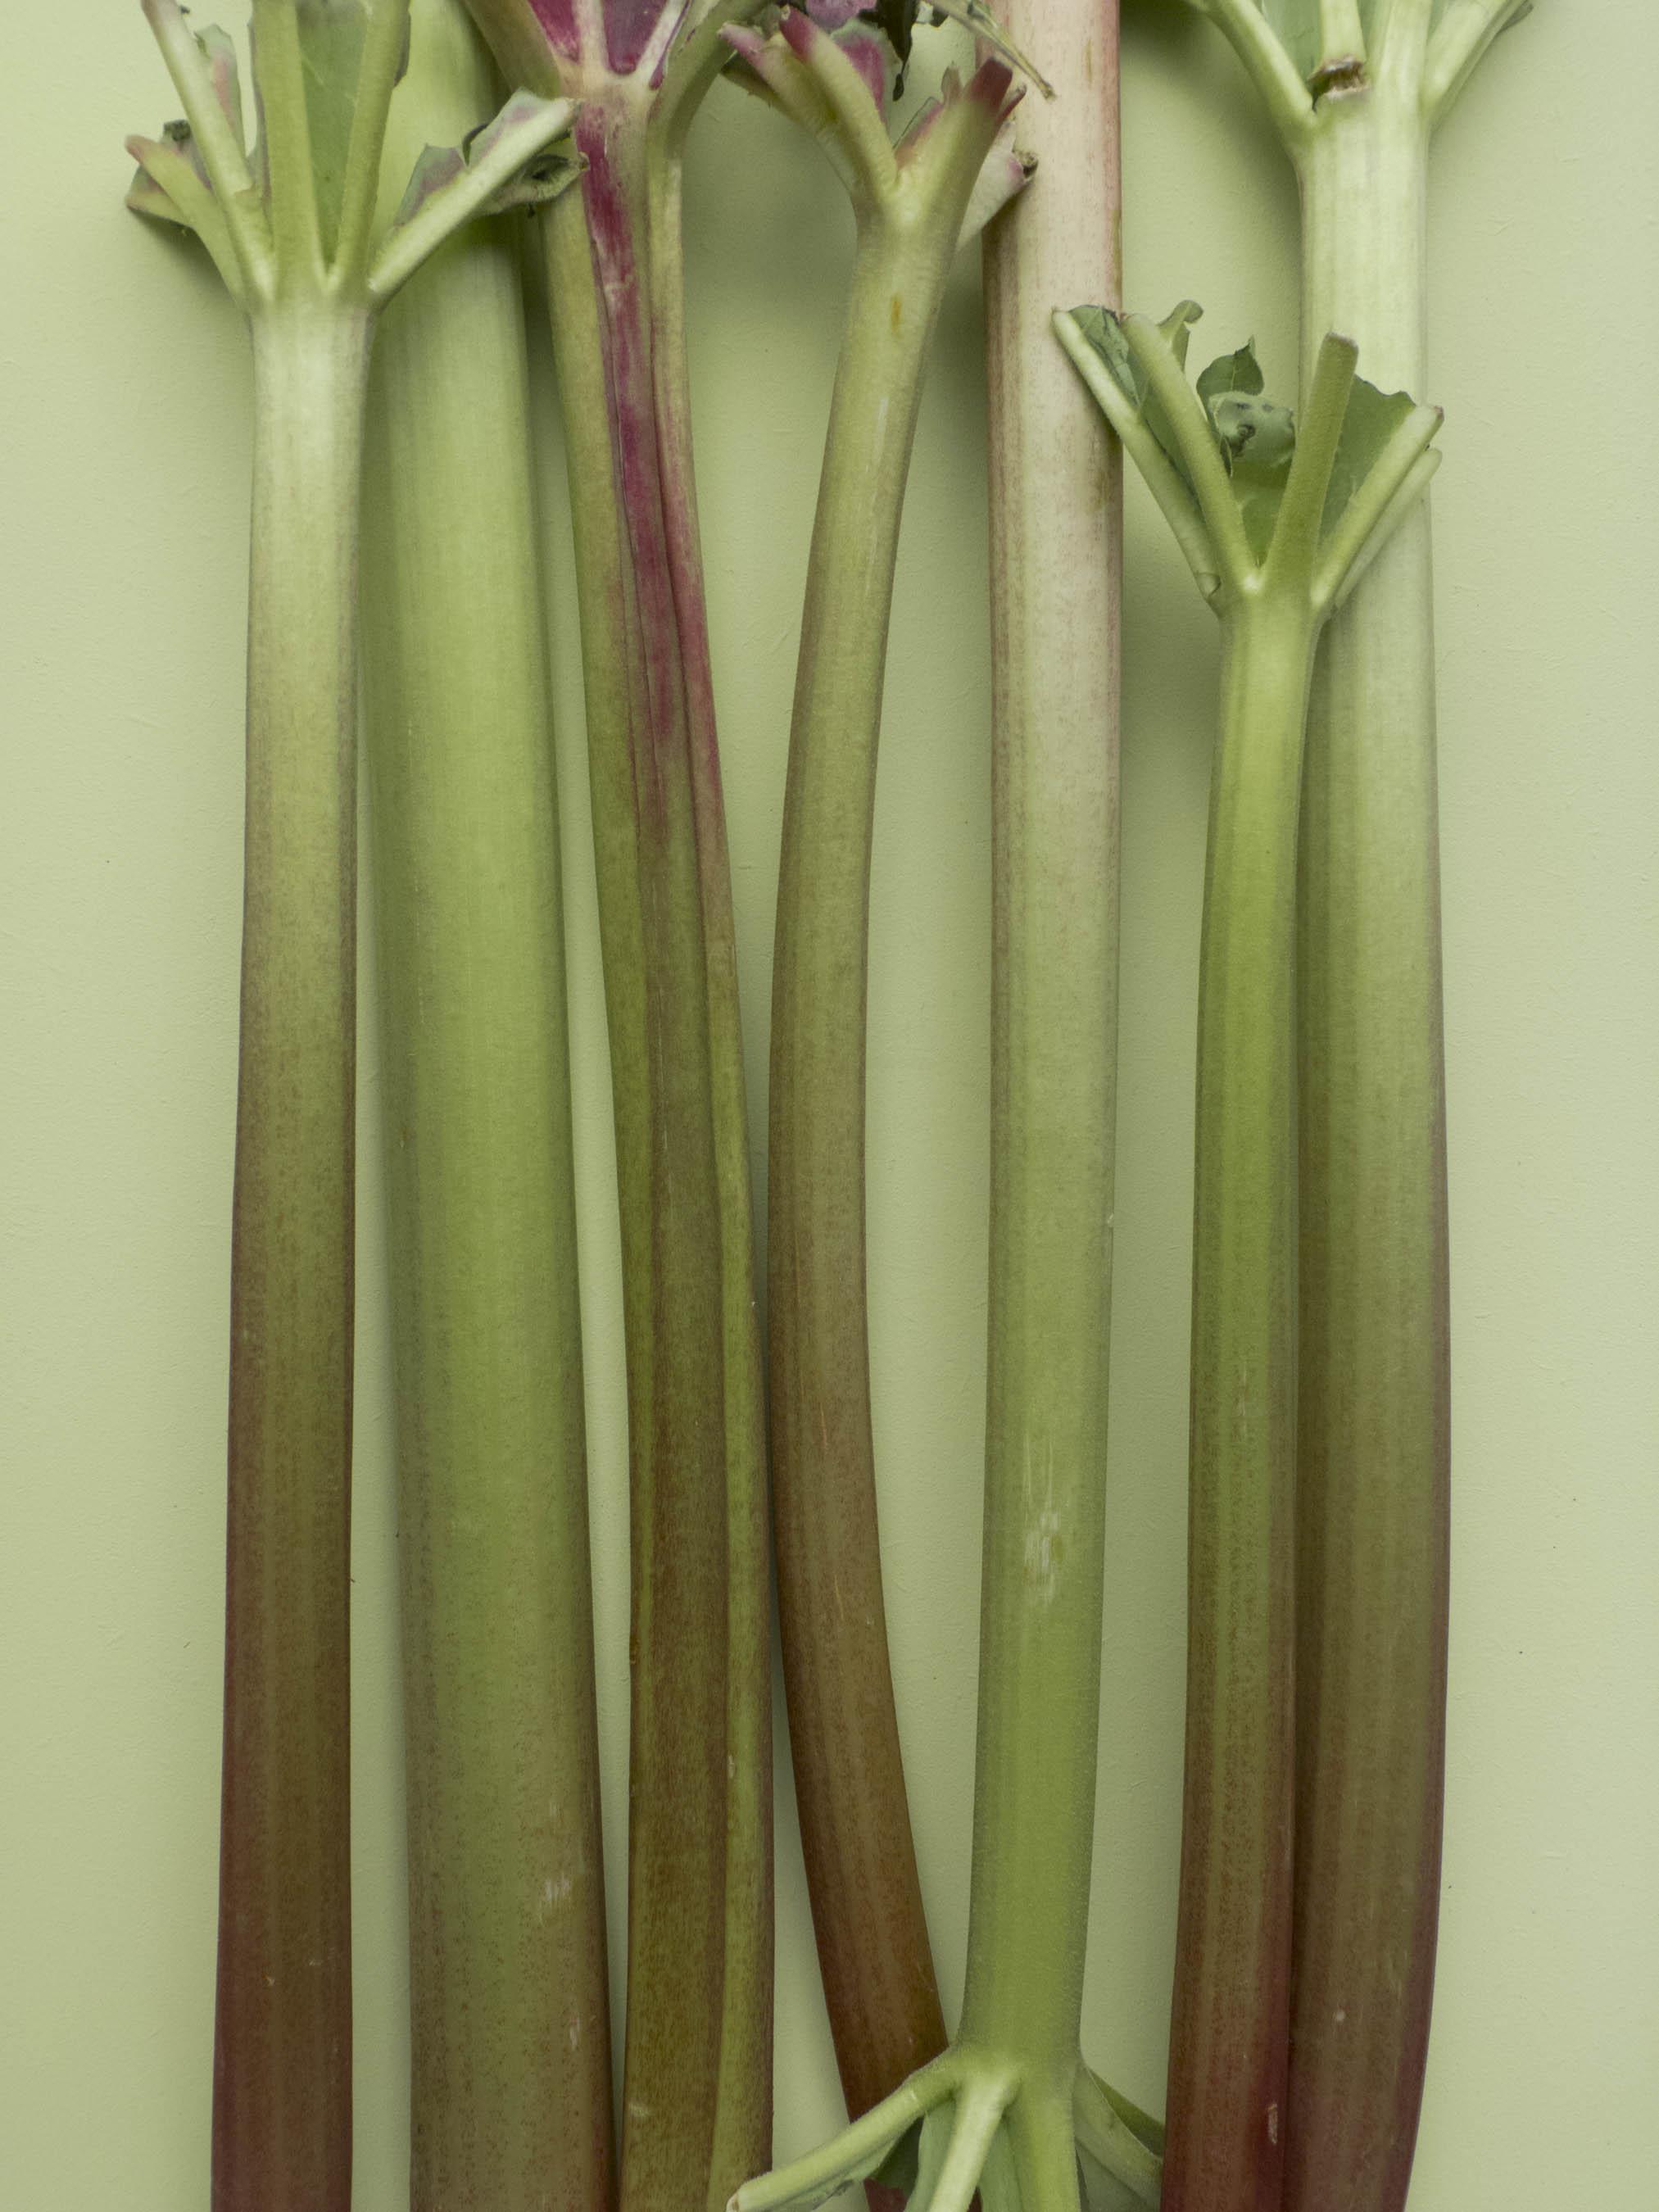 Rhubarb_1300191.jpg